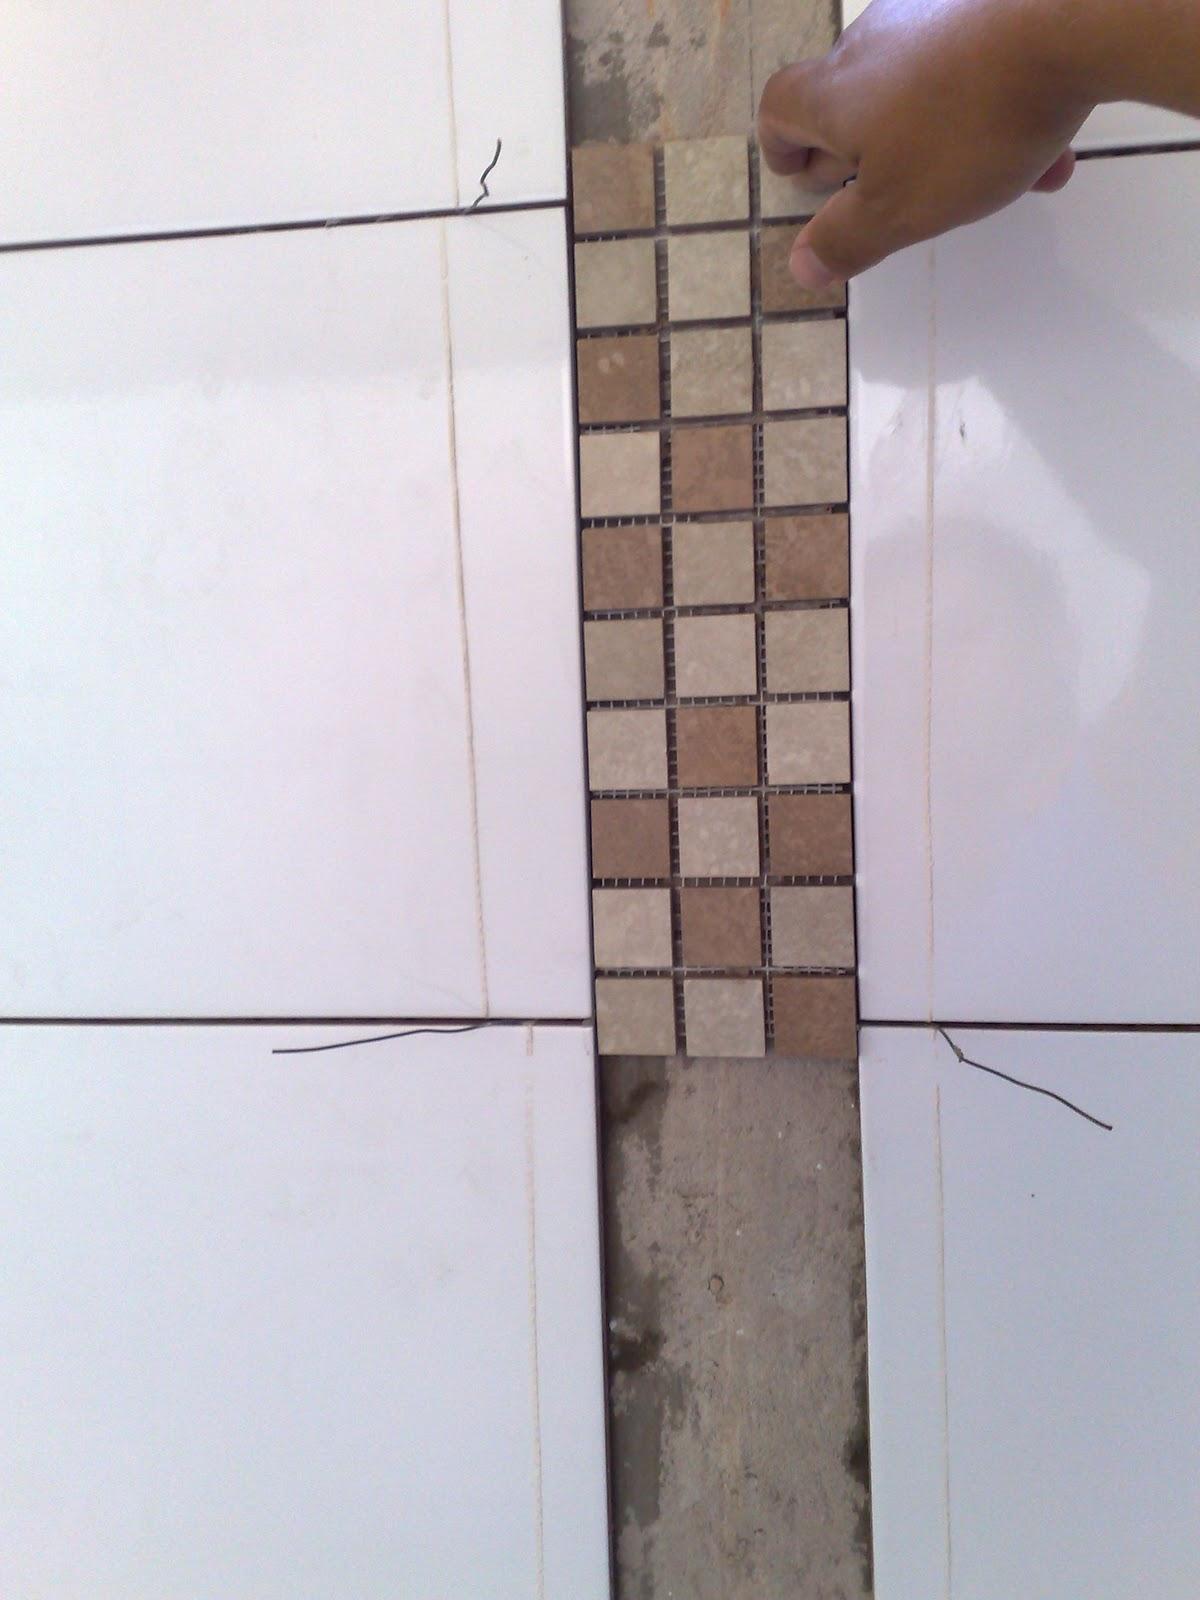 Passo a passo da construção da minha primeira casa: banheiro #63483D 1200 1600